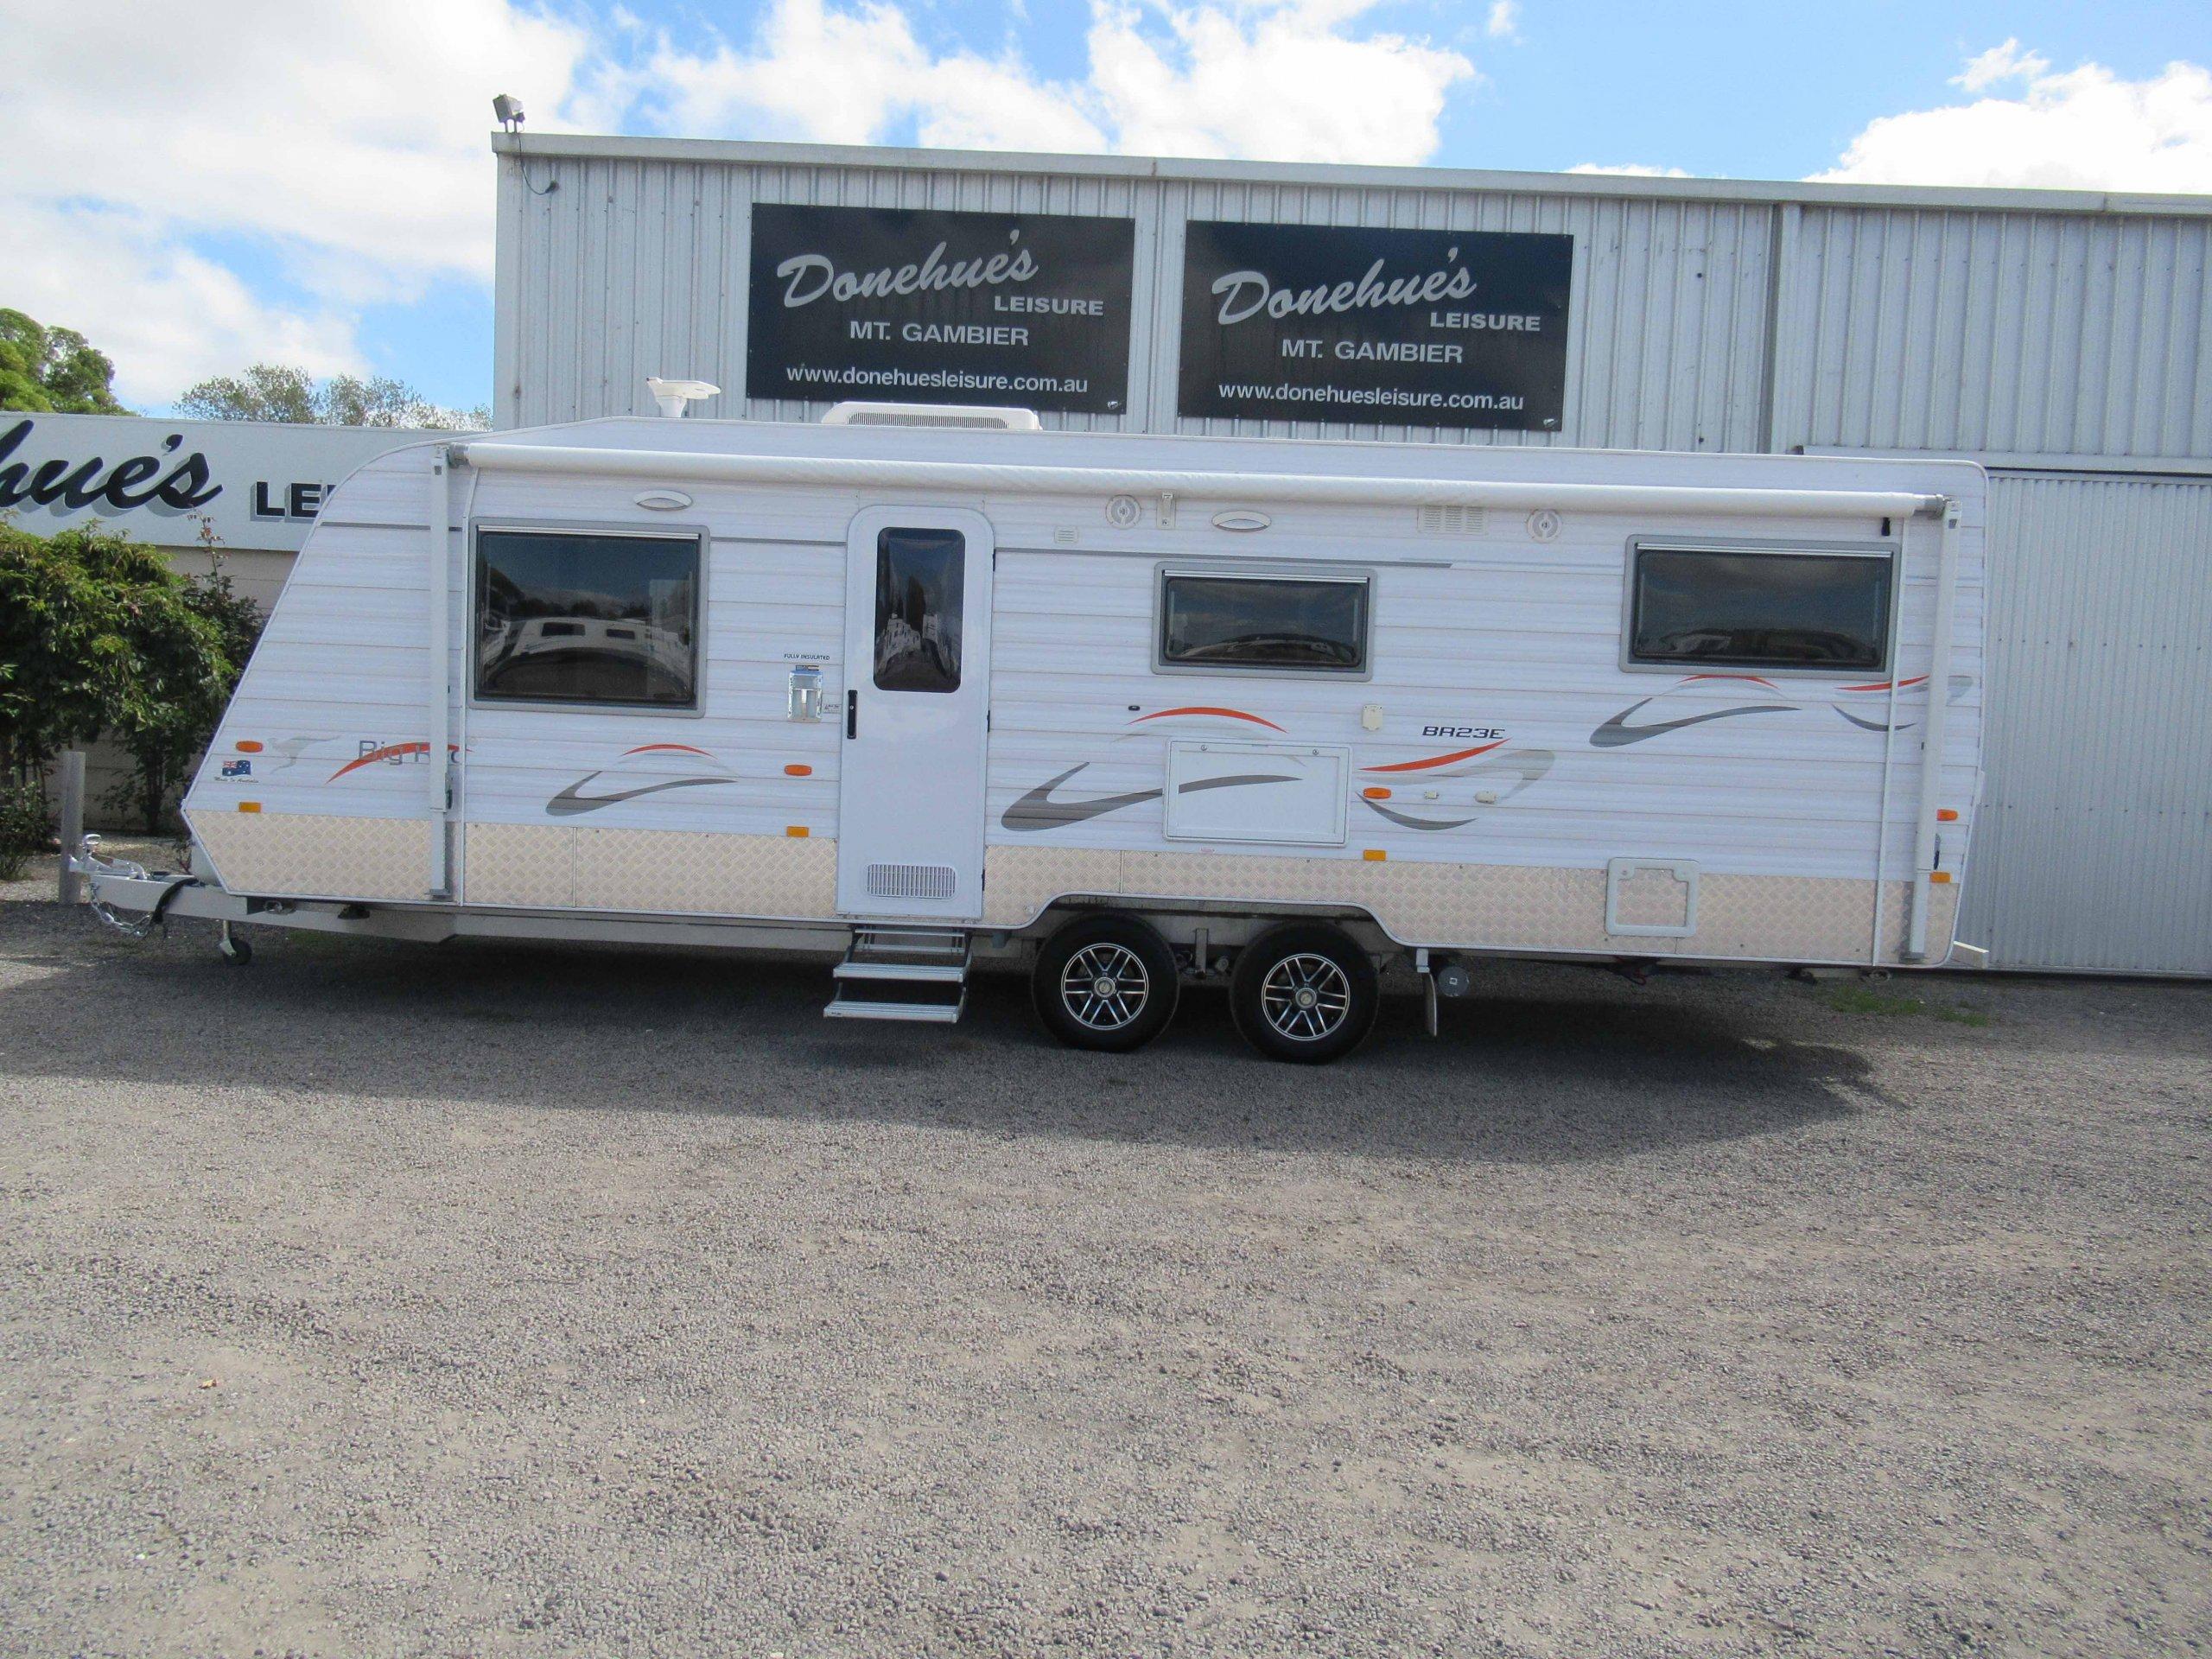 Donehues Leisure Newage Big Red Caravan Used Mt Gambier 21897M